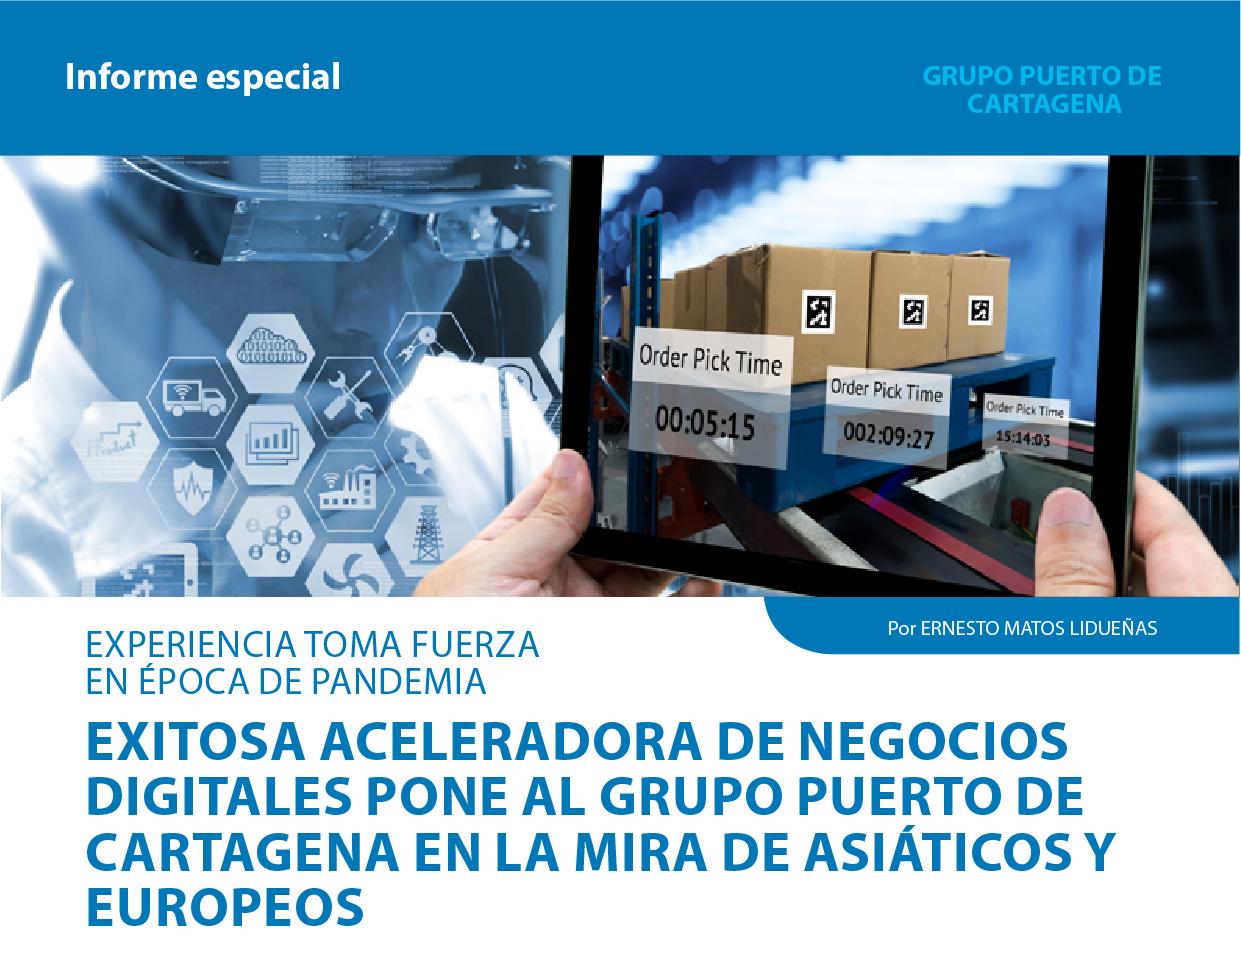 aceleradora-negocios-digitales